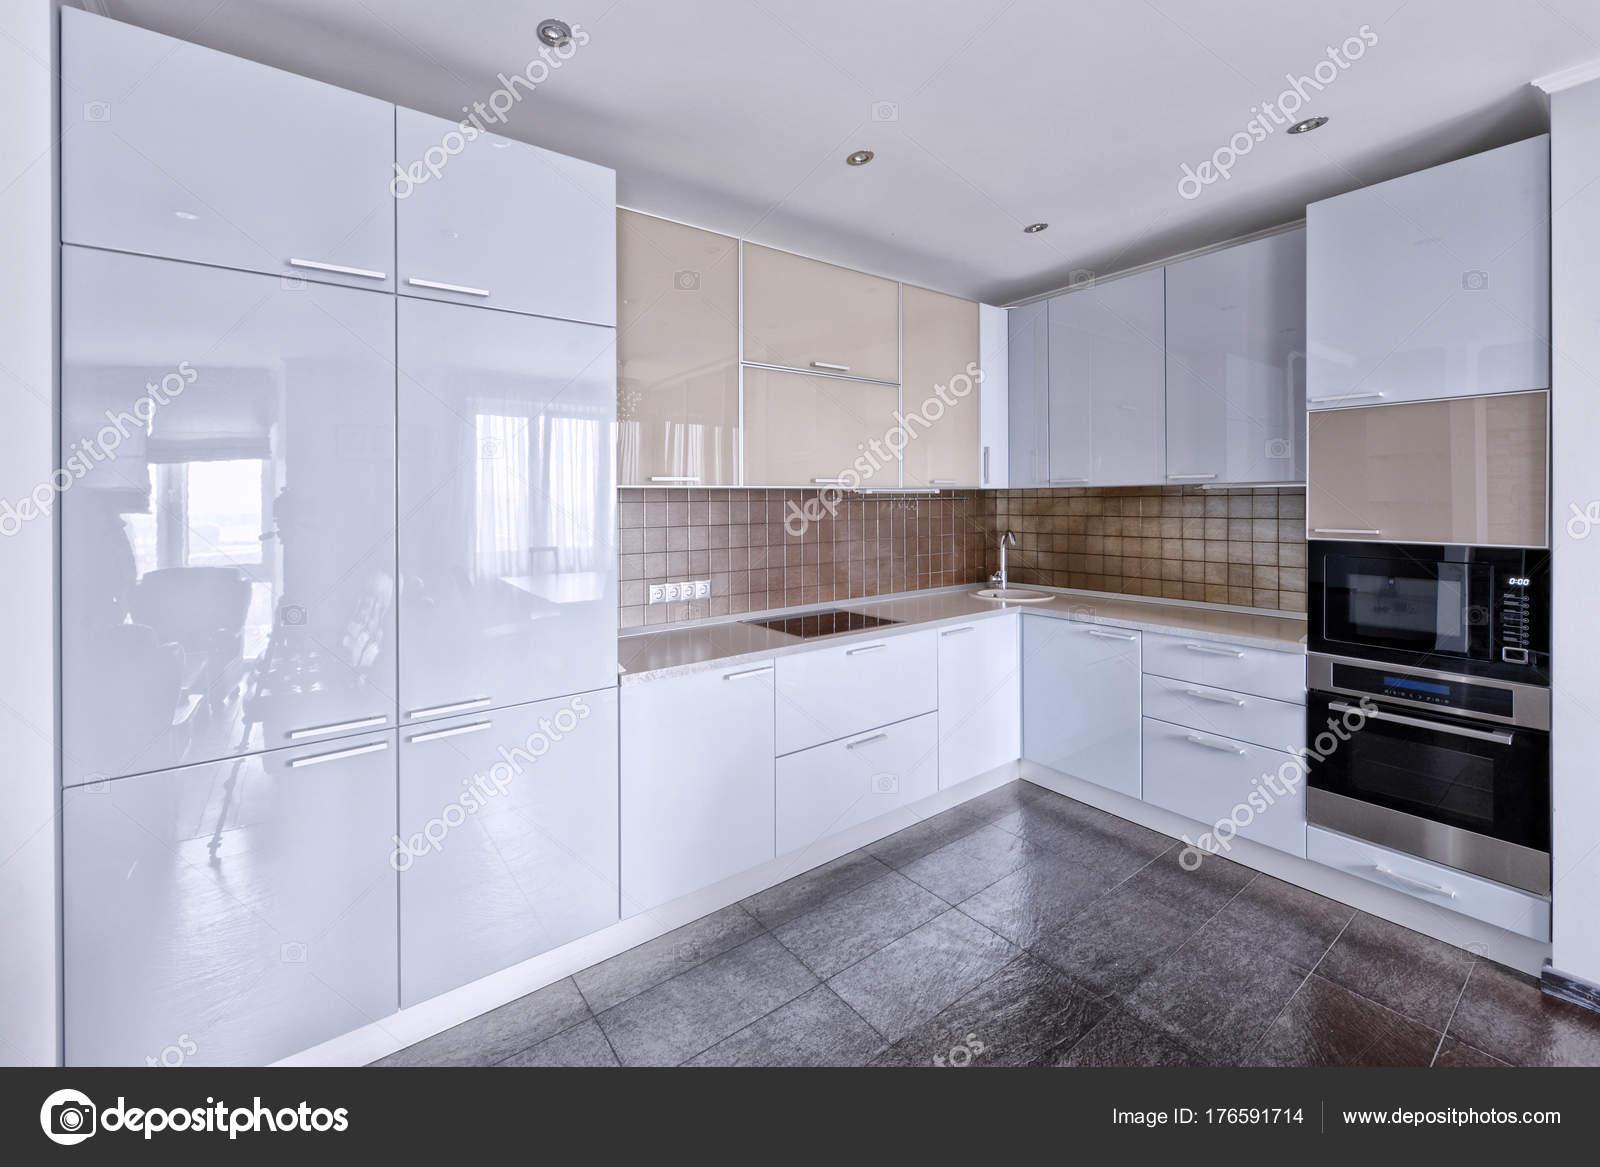 Cocina Moderna Diseño Interiores Casa Nueva — Foto de stock ...